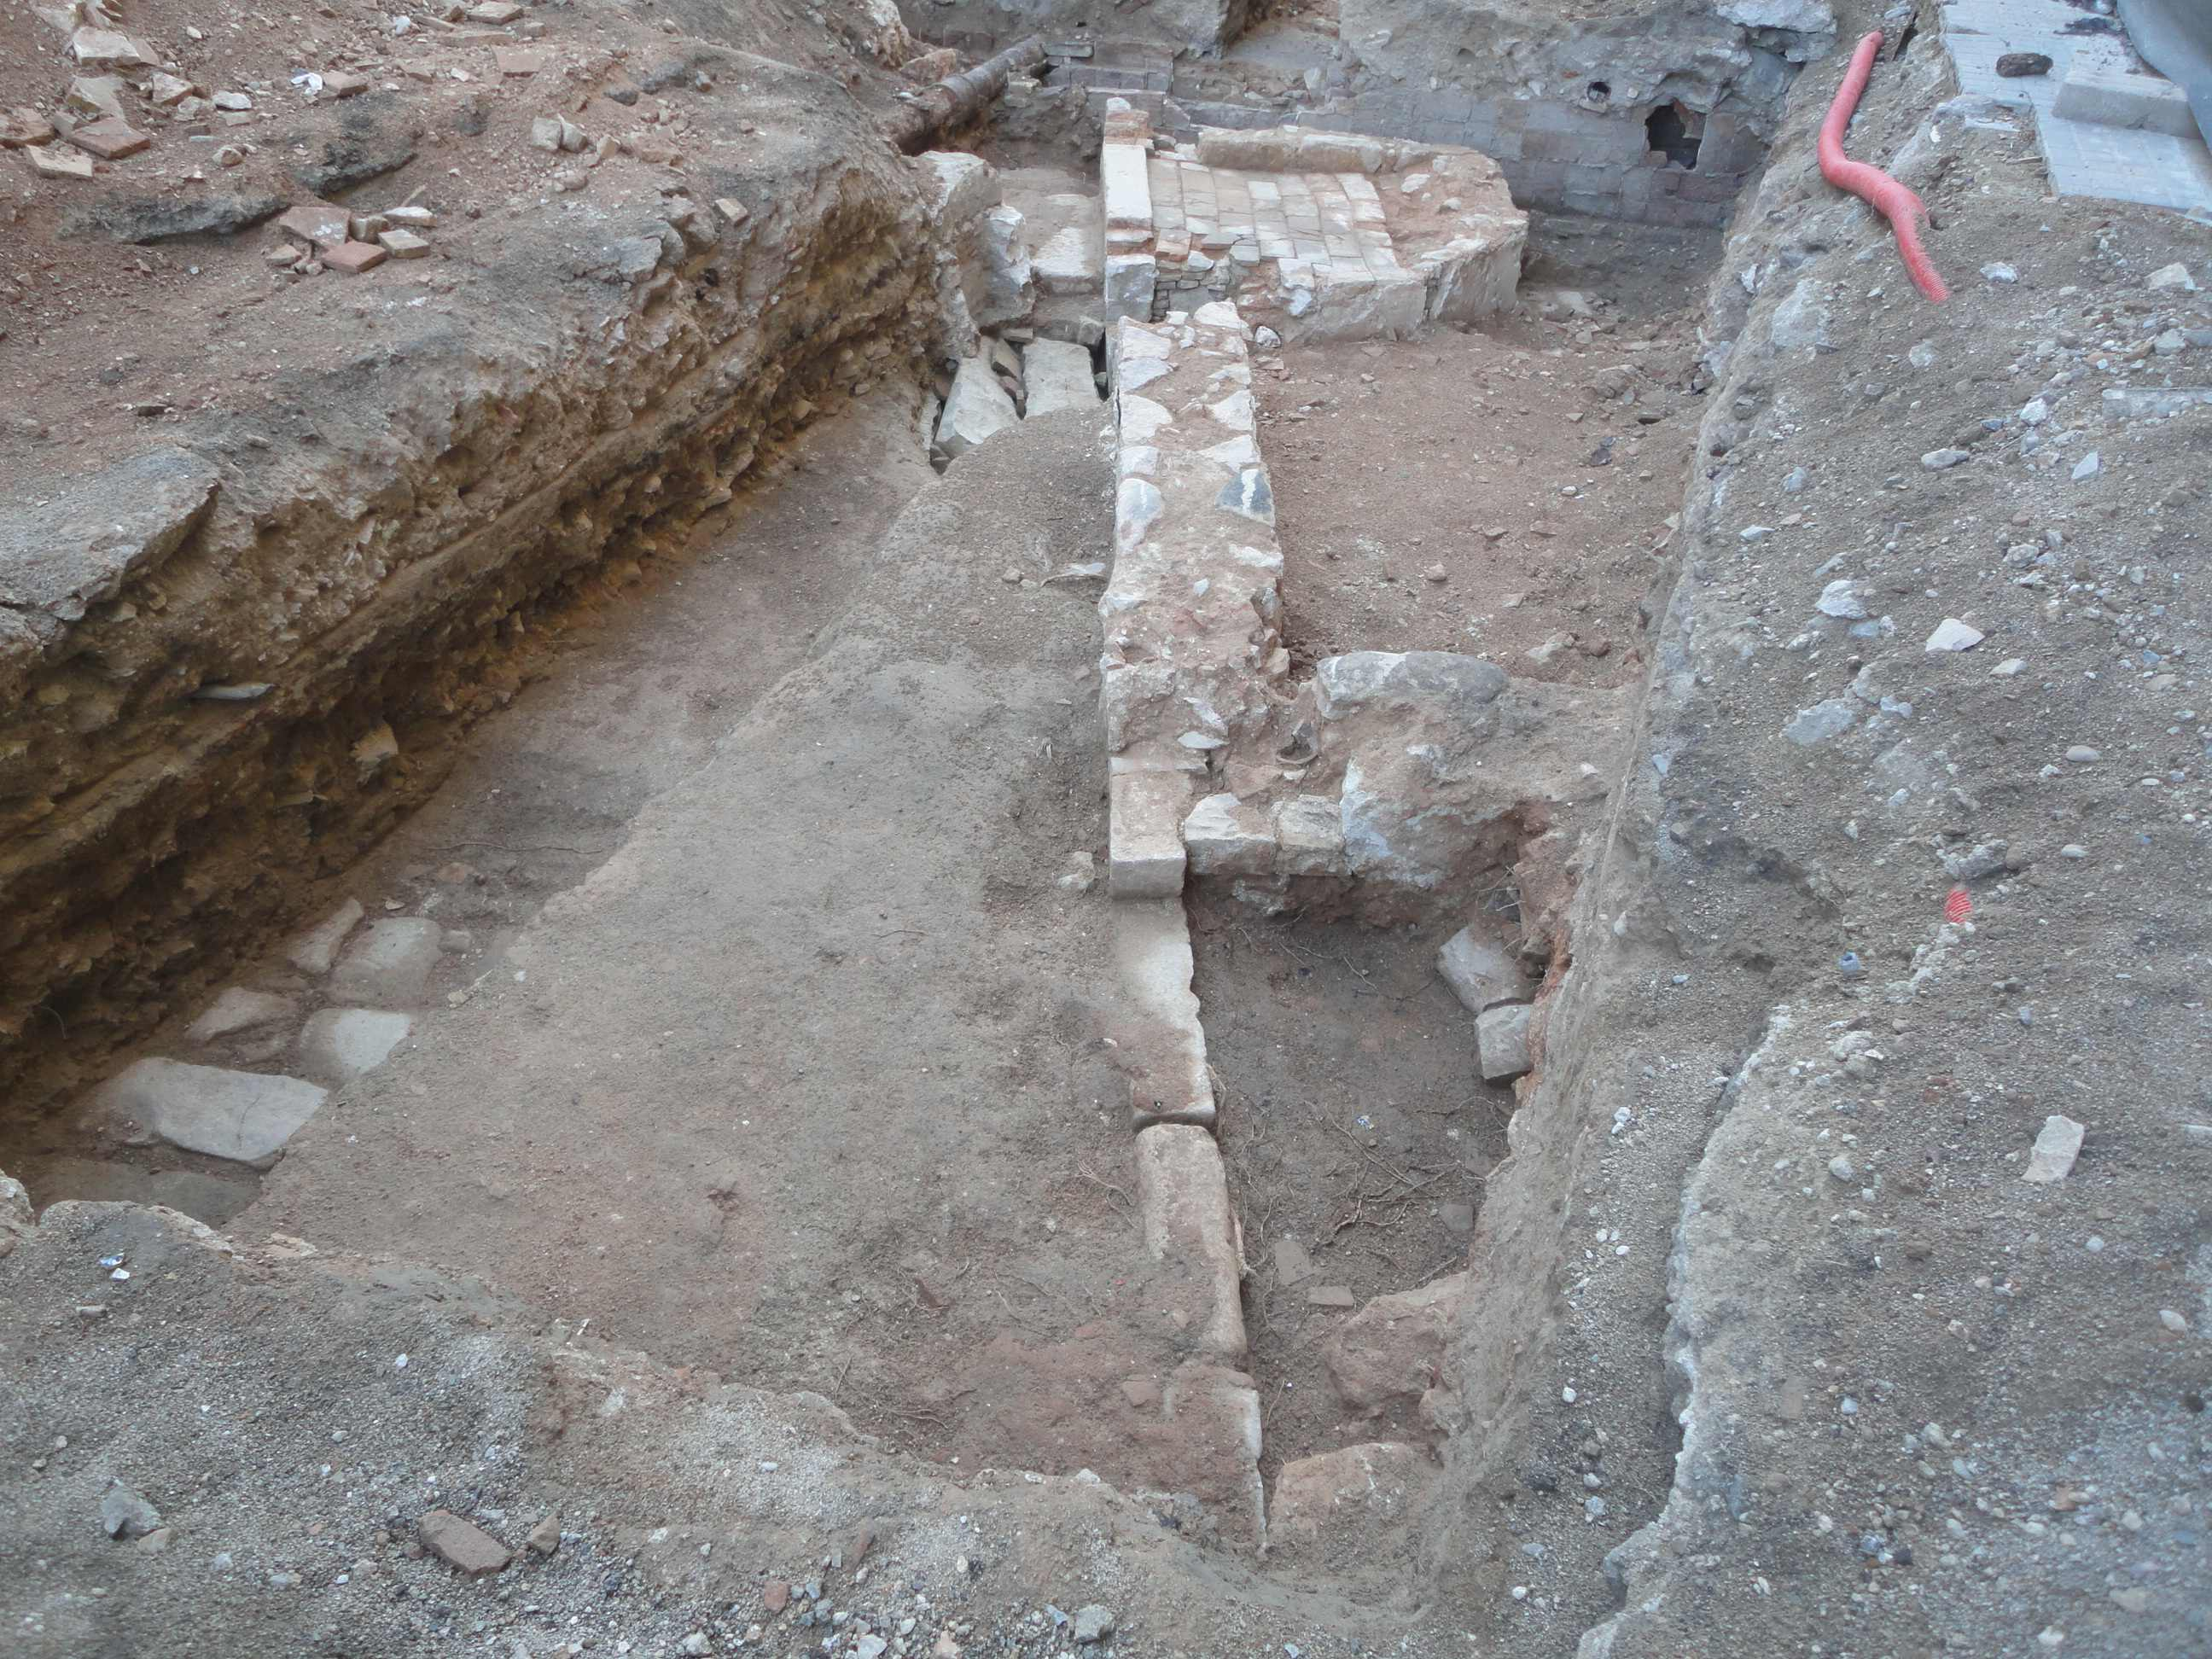 Àmbit actualment en procés d'excavació. A l'esquerra del mur de façana hi ha l'enllosat del carrer i, a la dreta, l'interior de l'edifici. Foto: Sergio Arroyo